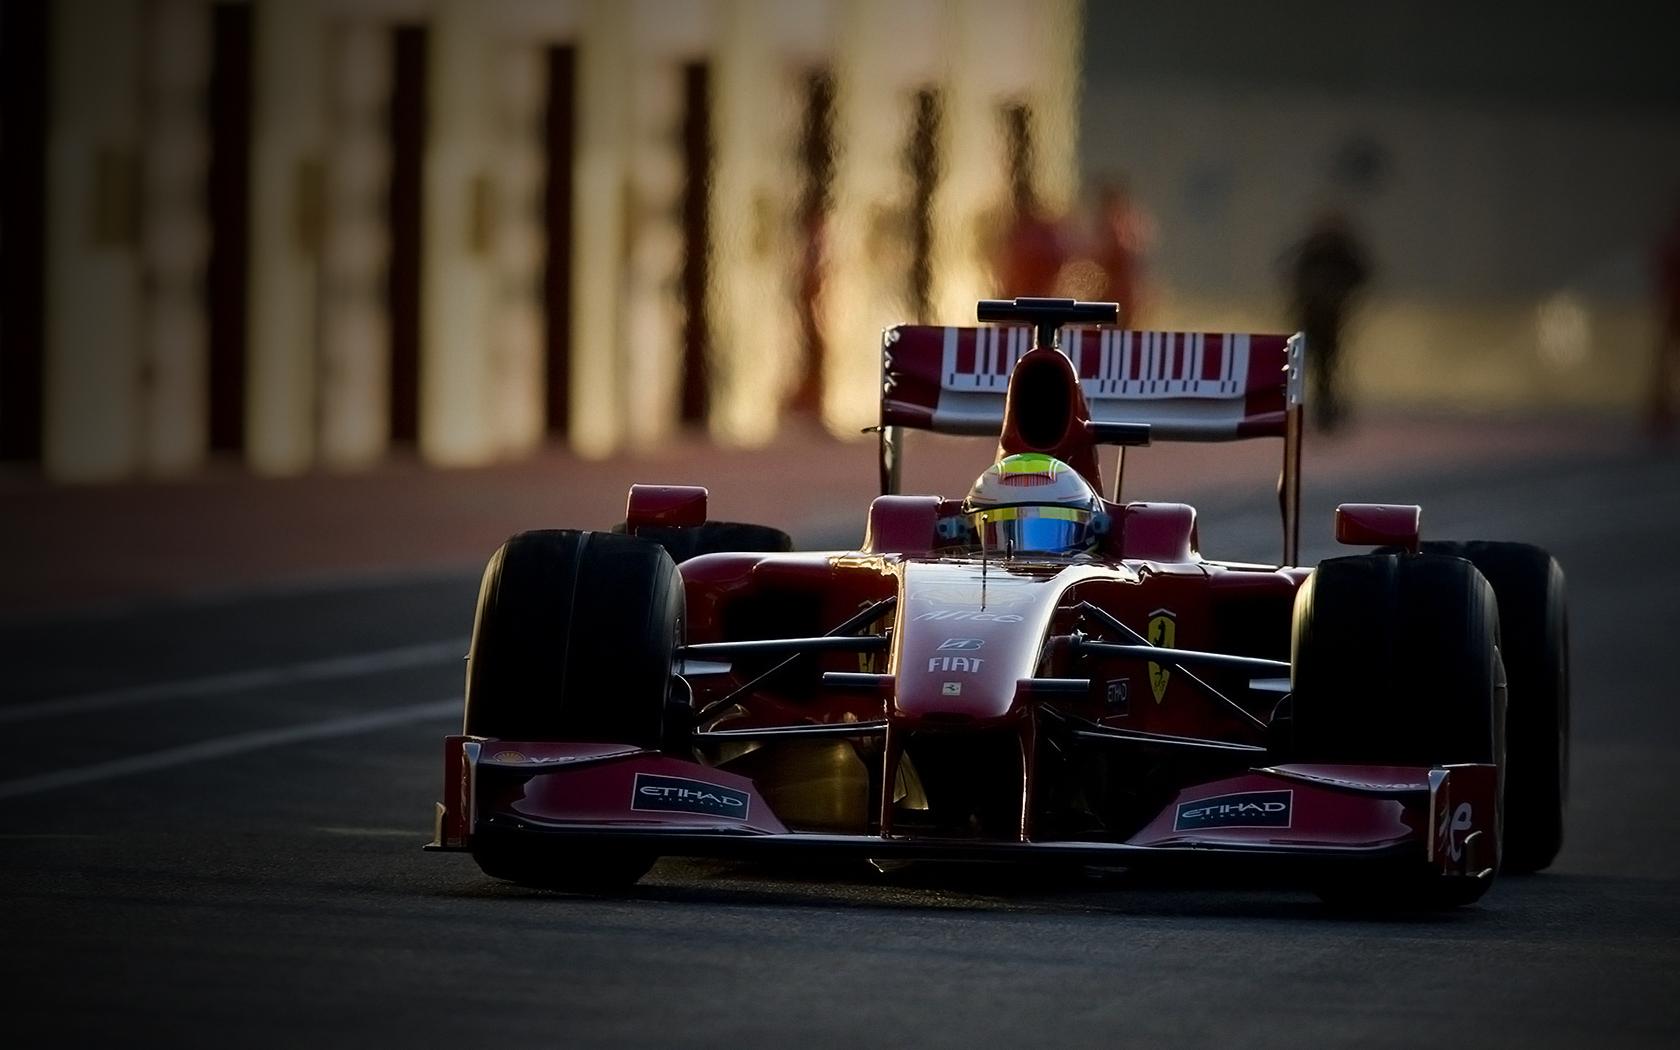 Ferrari F1 Wallpaper Pc